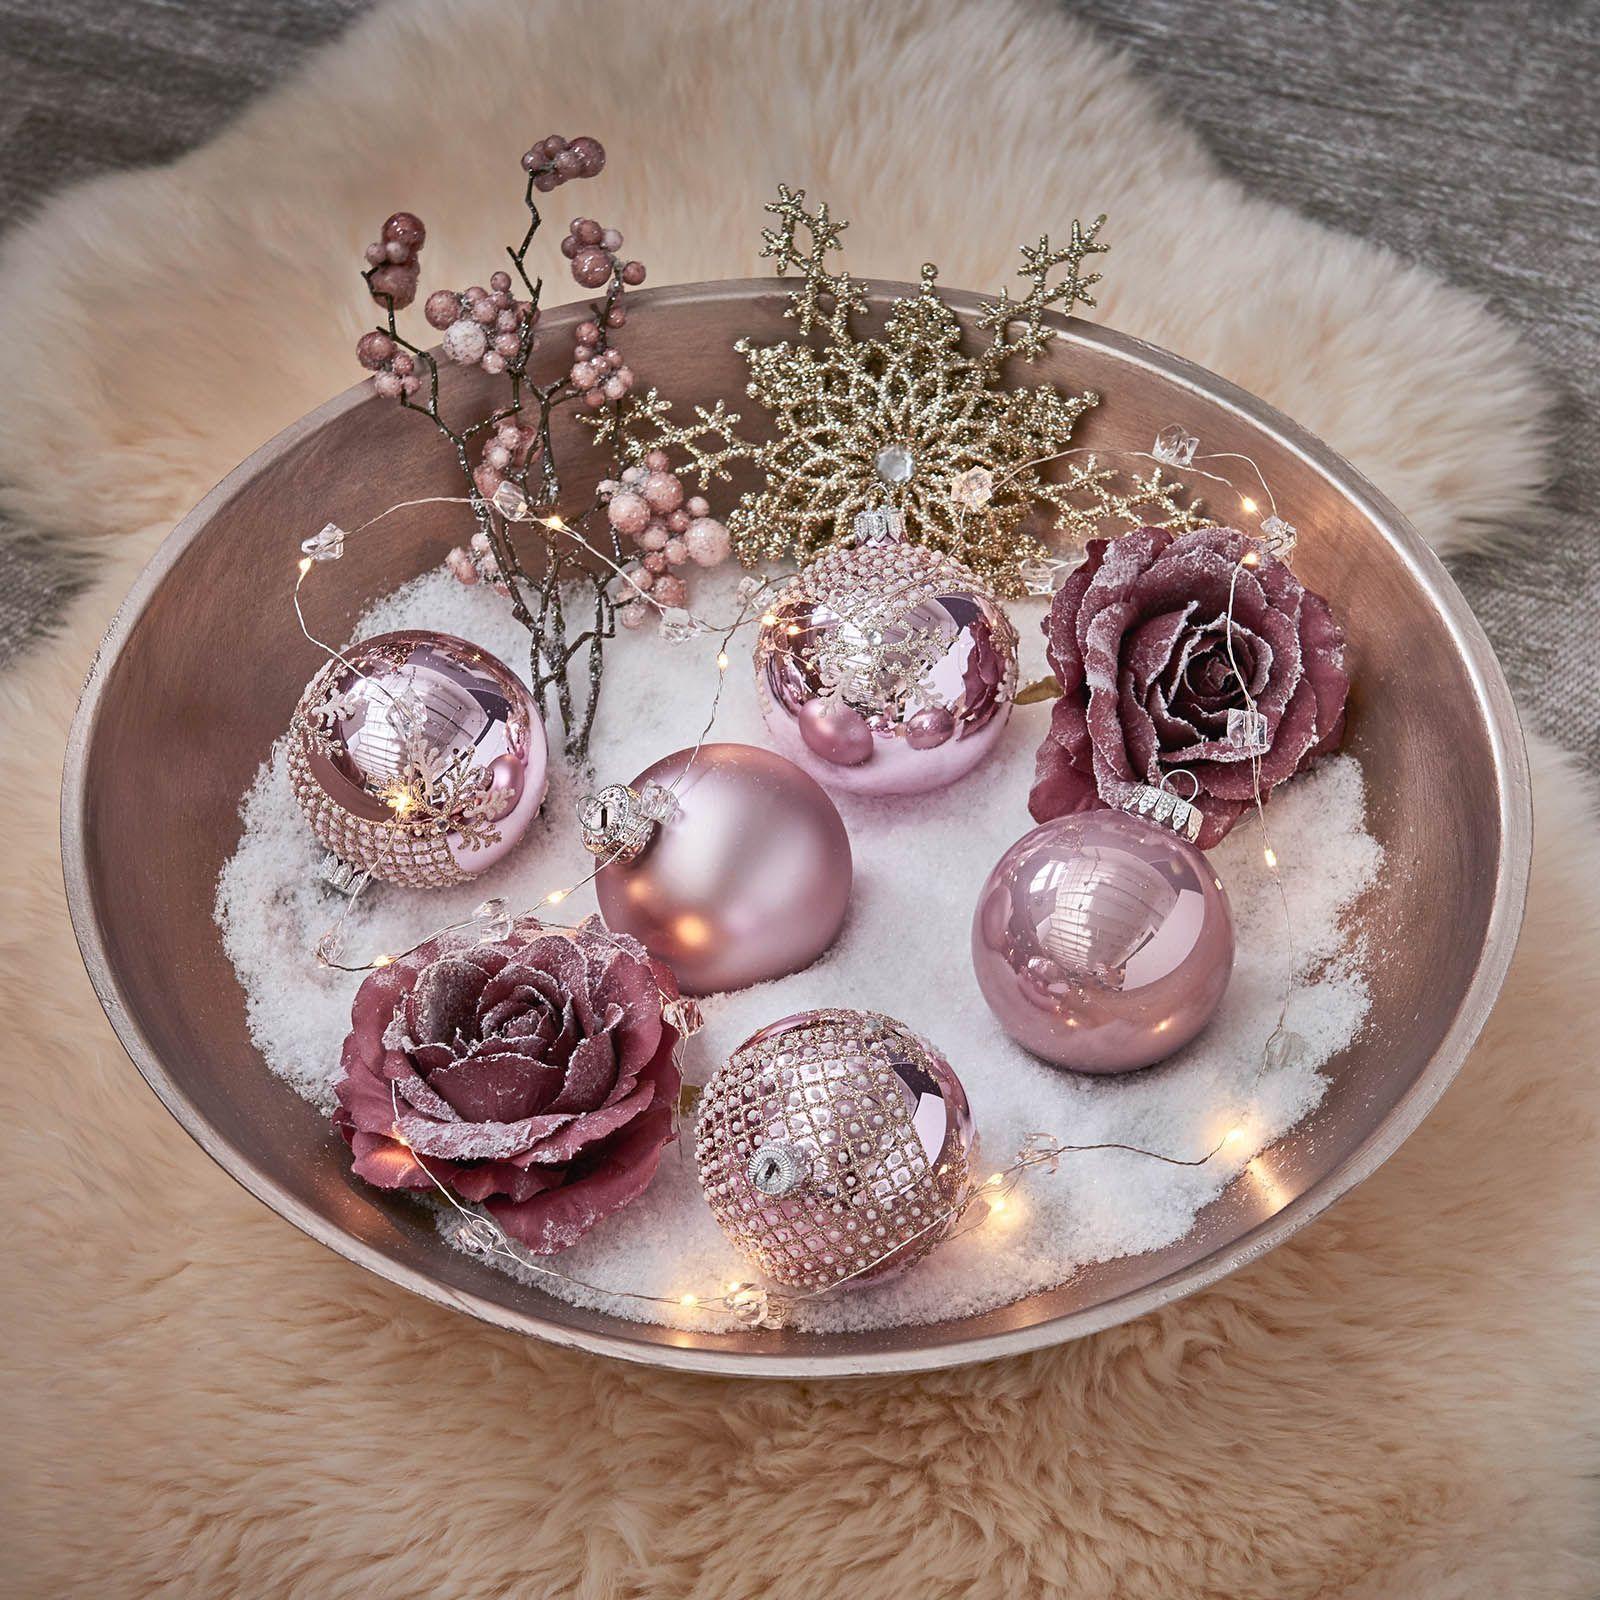 Auch In Einer Dekoschale Machen Sich Christbaumkugeln Gut Christbaumschmuck Weihnachtskugeln Dekoschale Weihnachtsdekoidee Altrosa Christmas Weihnachten Christmas Tree Decorations Decorative Bowls Pink Christmas